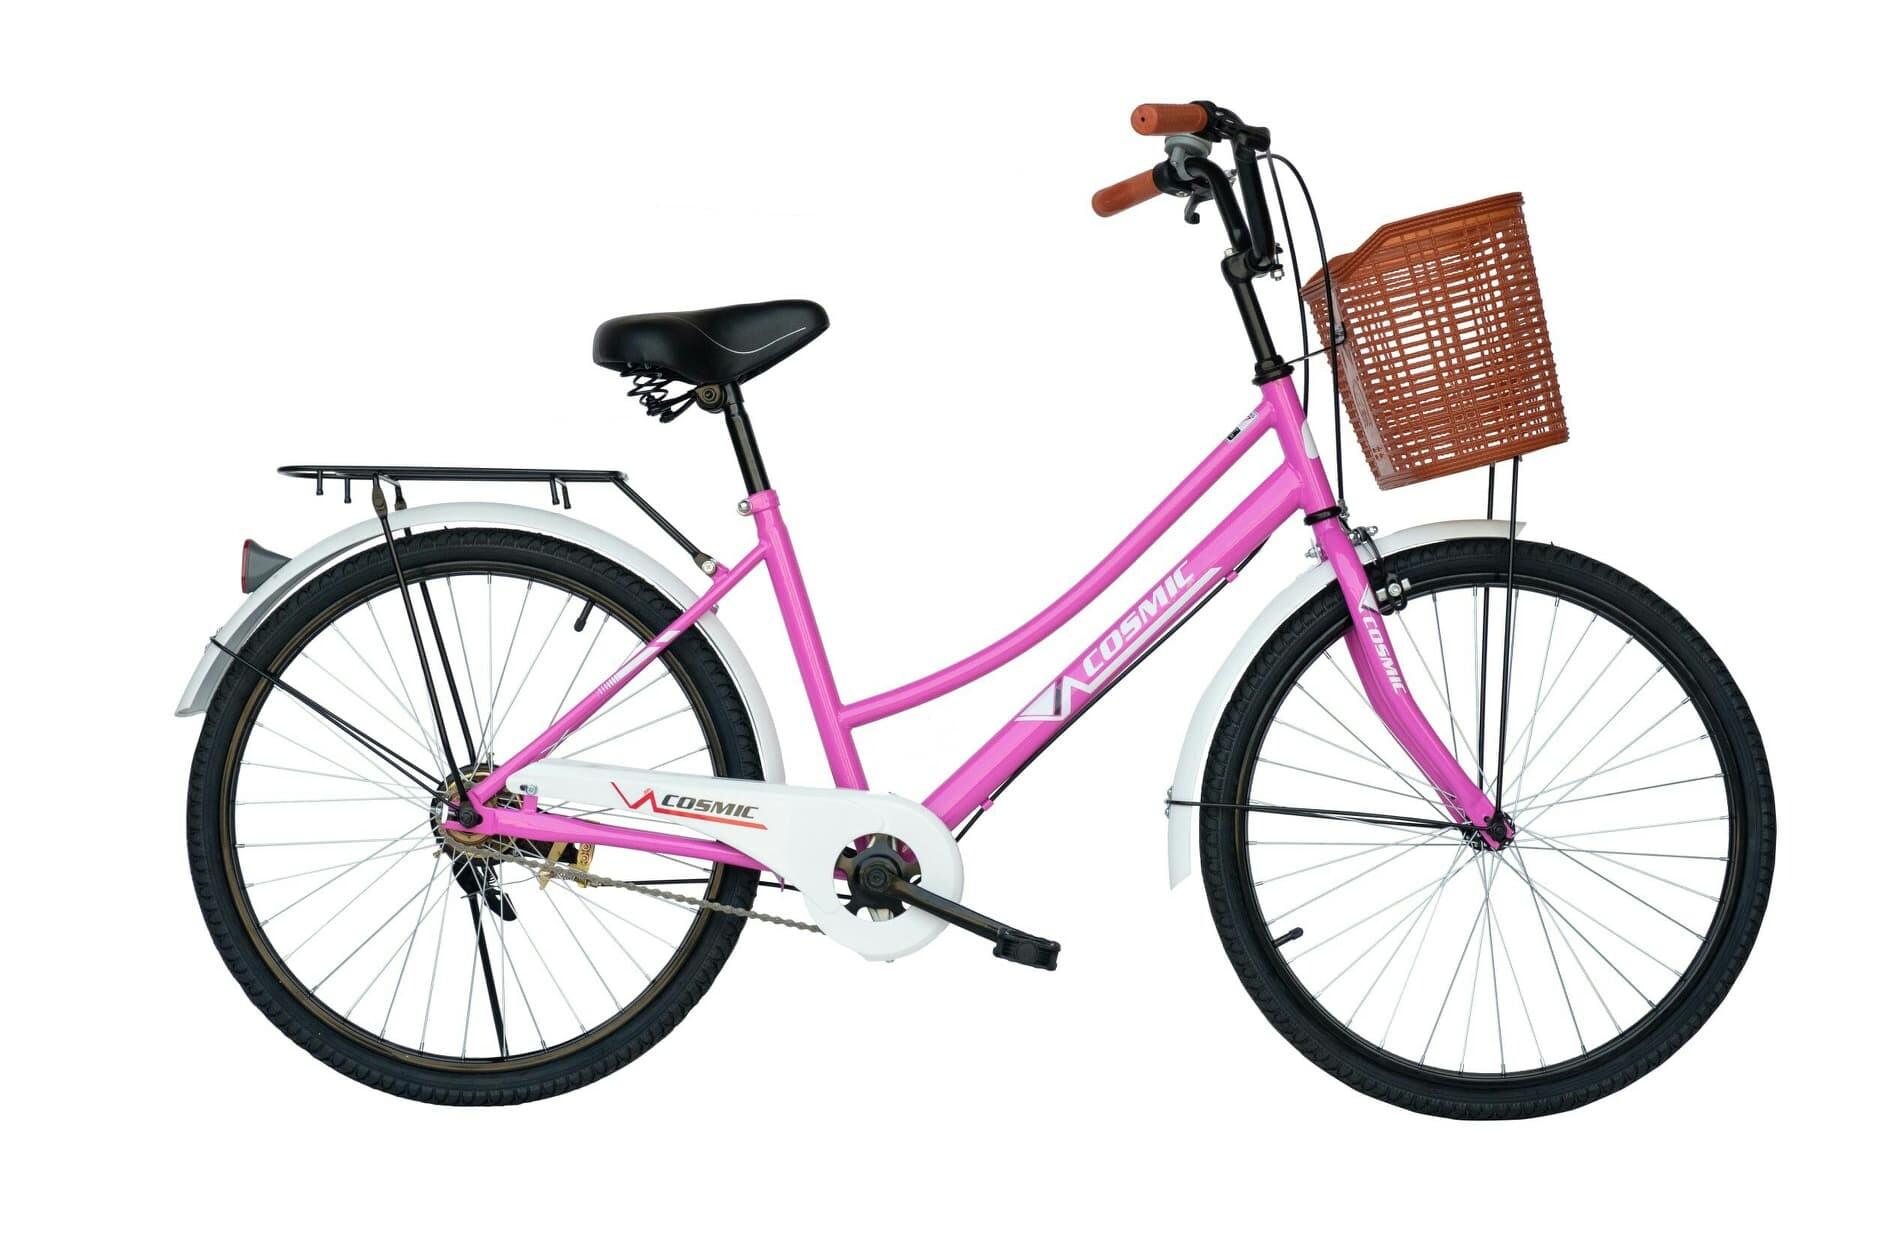 จักรยานแม่บ้าน Cosmic 24x1.75 วินเทจ.